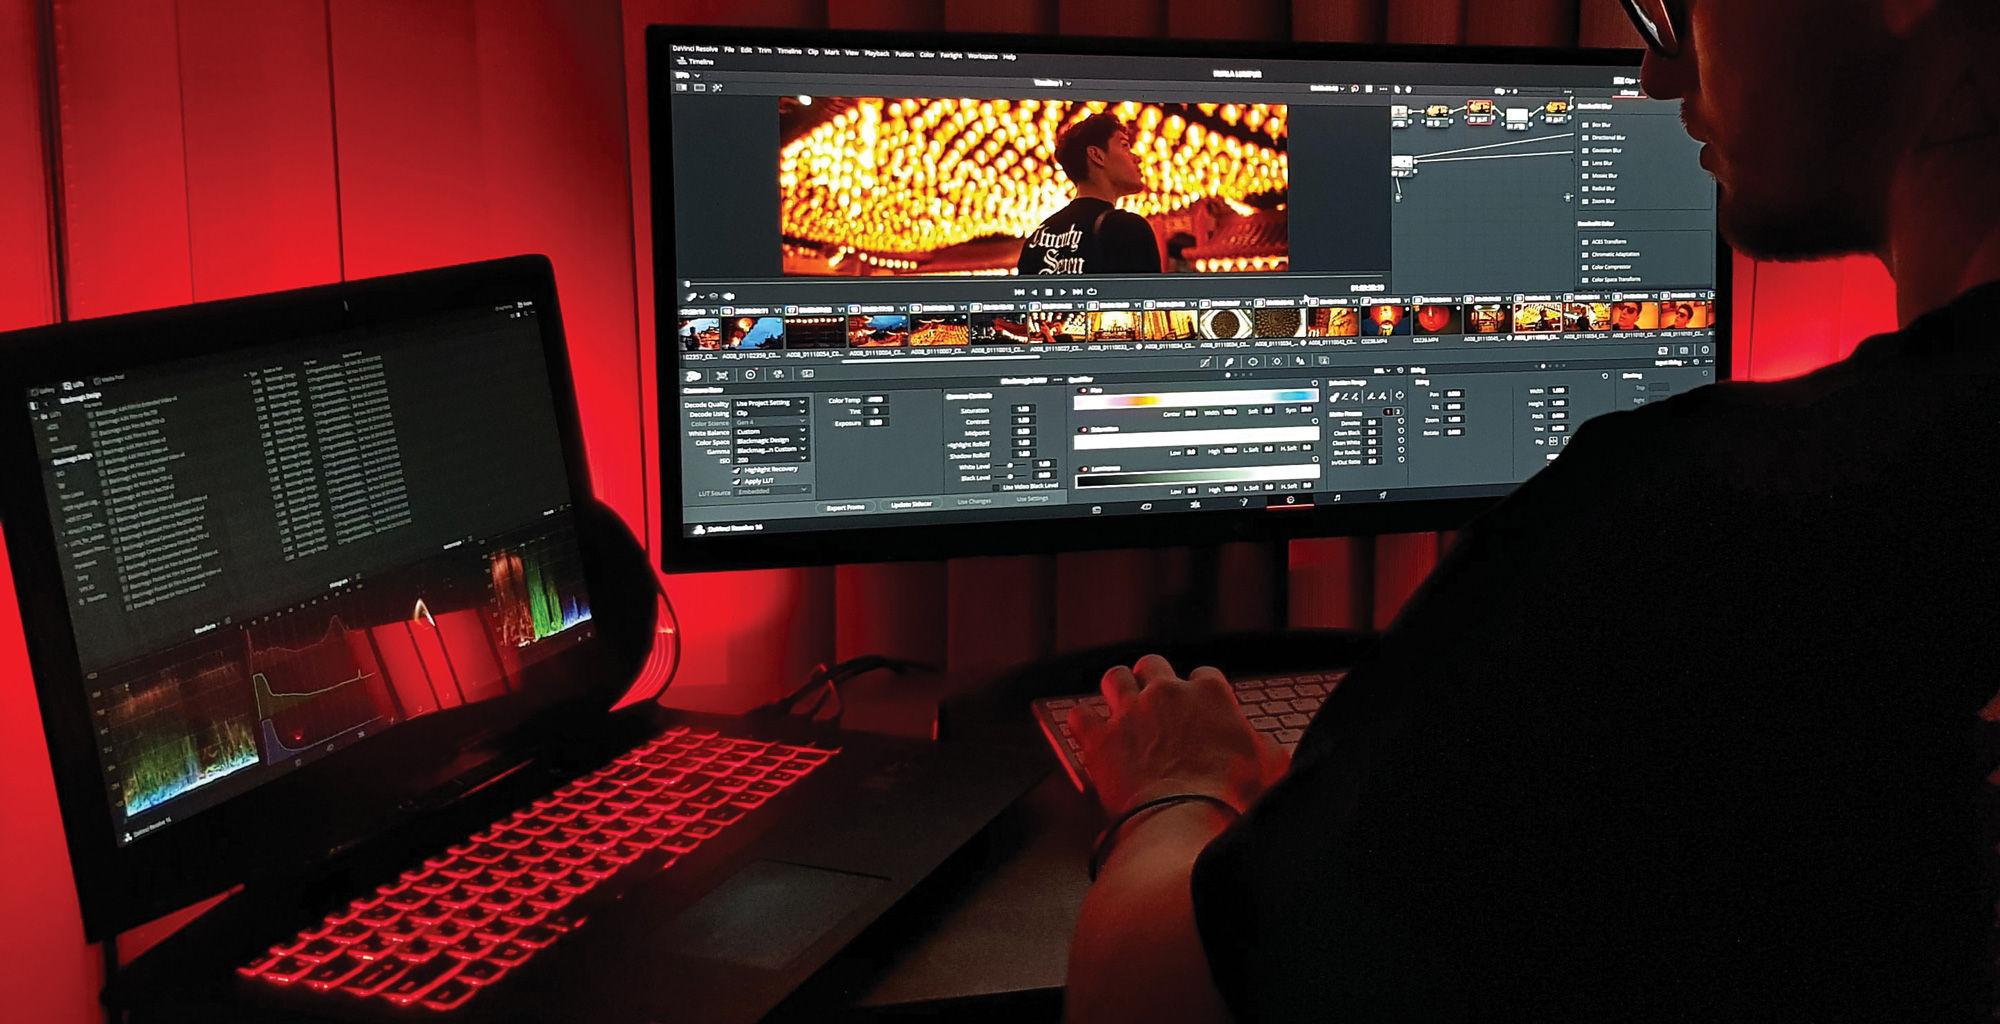 멀티미디어 콘텐츠제작 &영상편집 (프리미어, 에프터이펙트, 시네마4D)양성과정